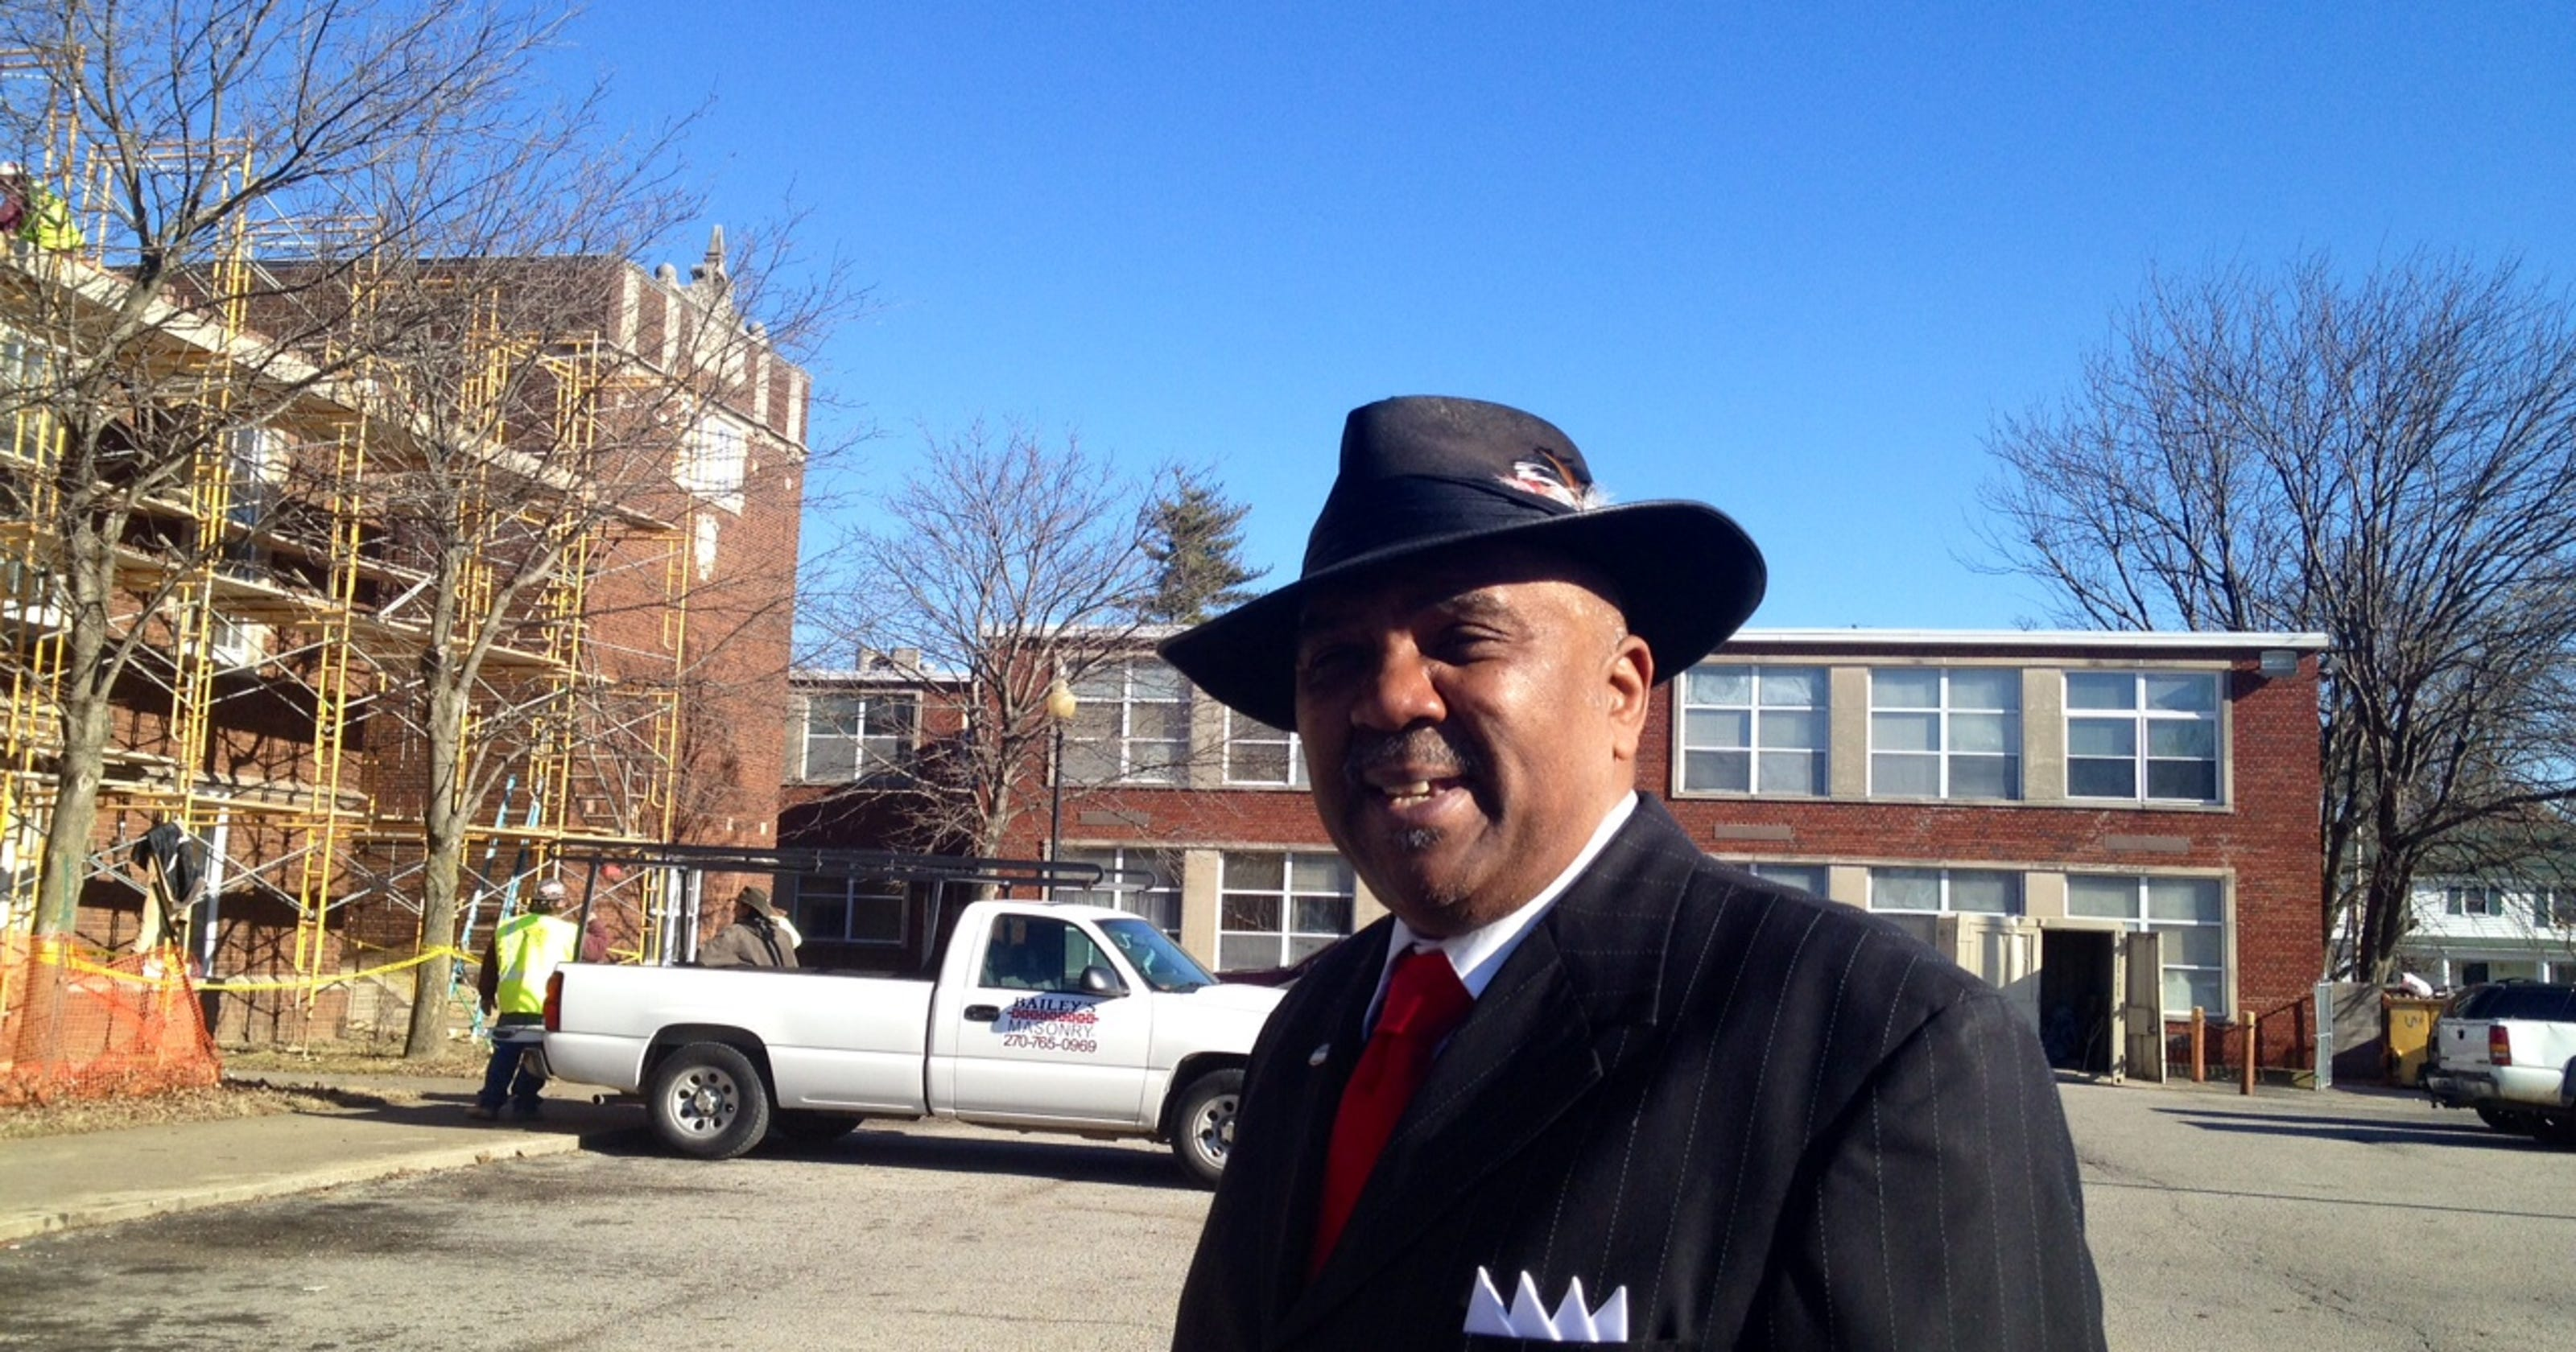 Public money aids $1M Shawnee housing upgrade